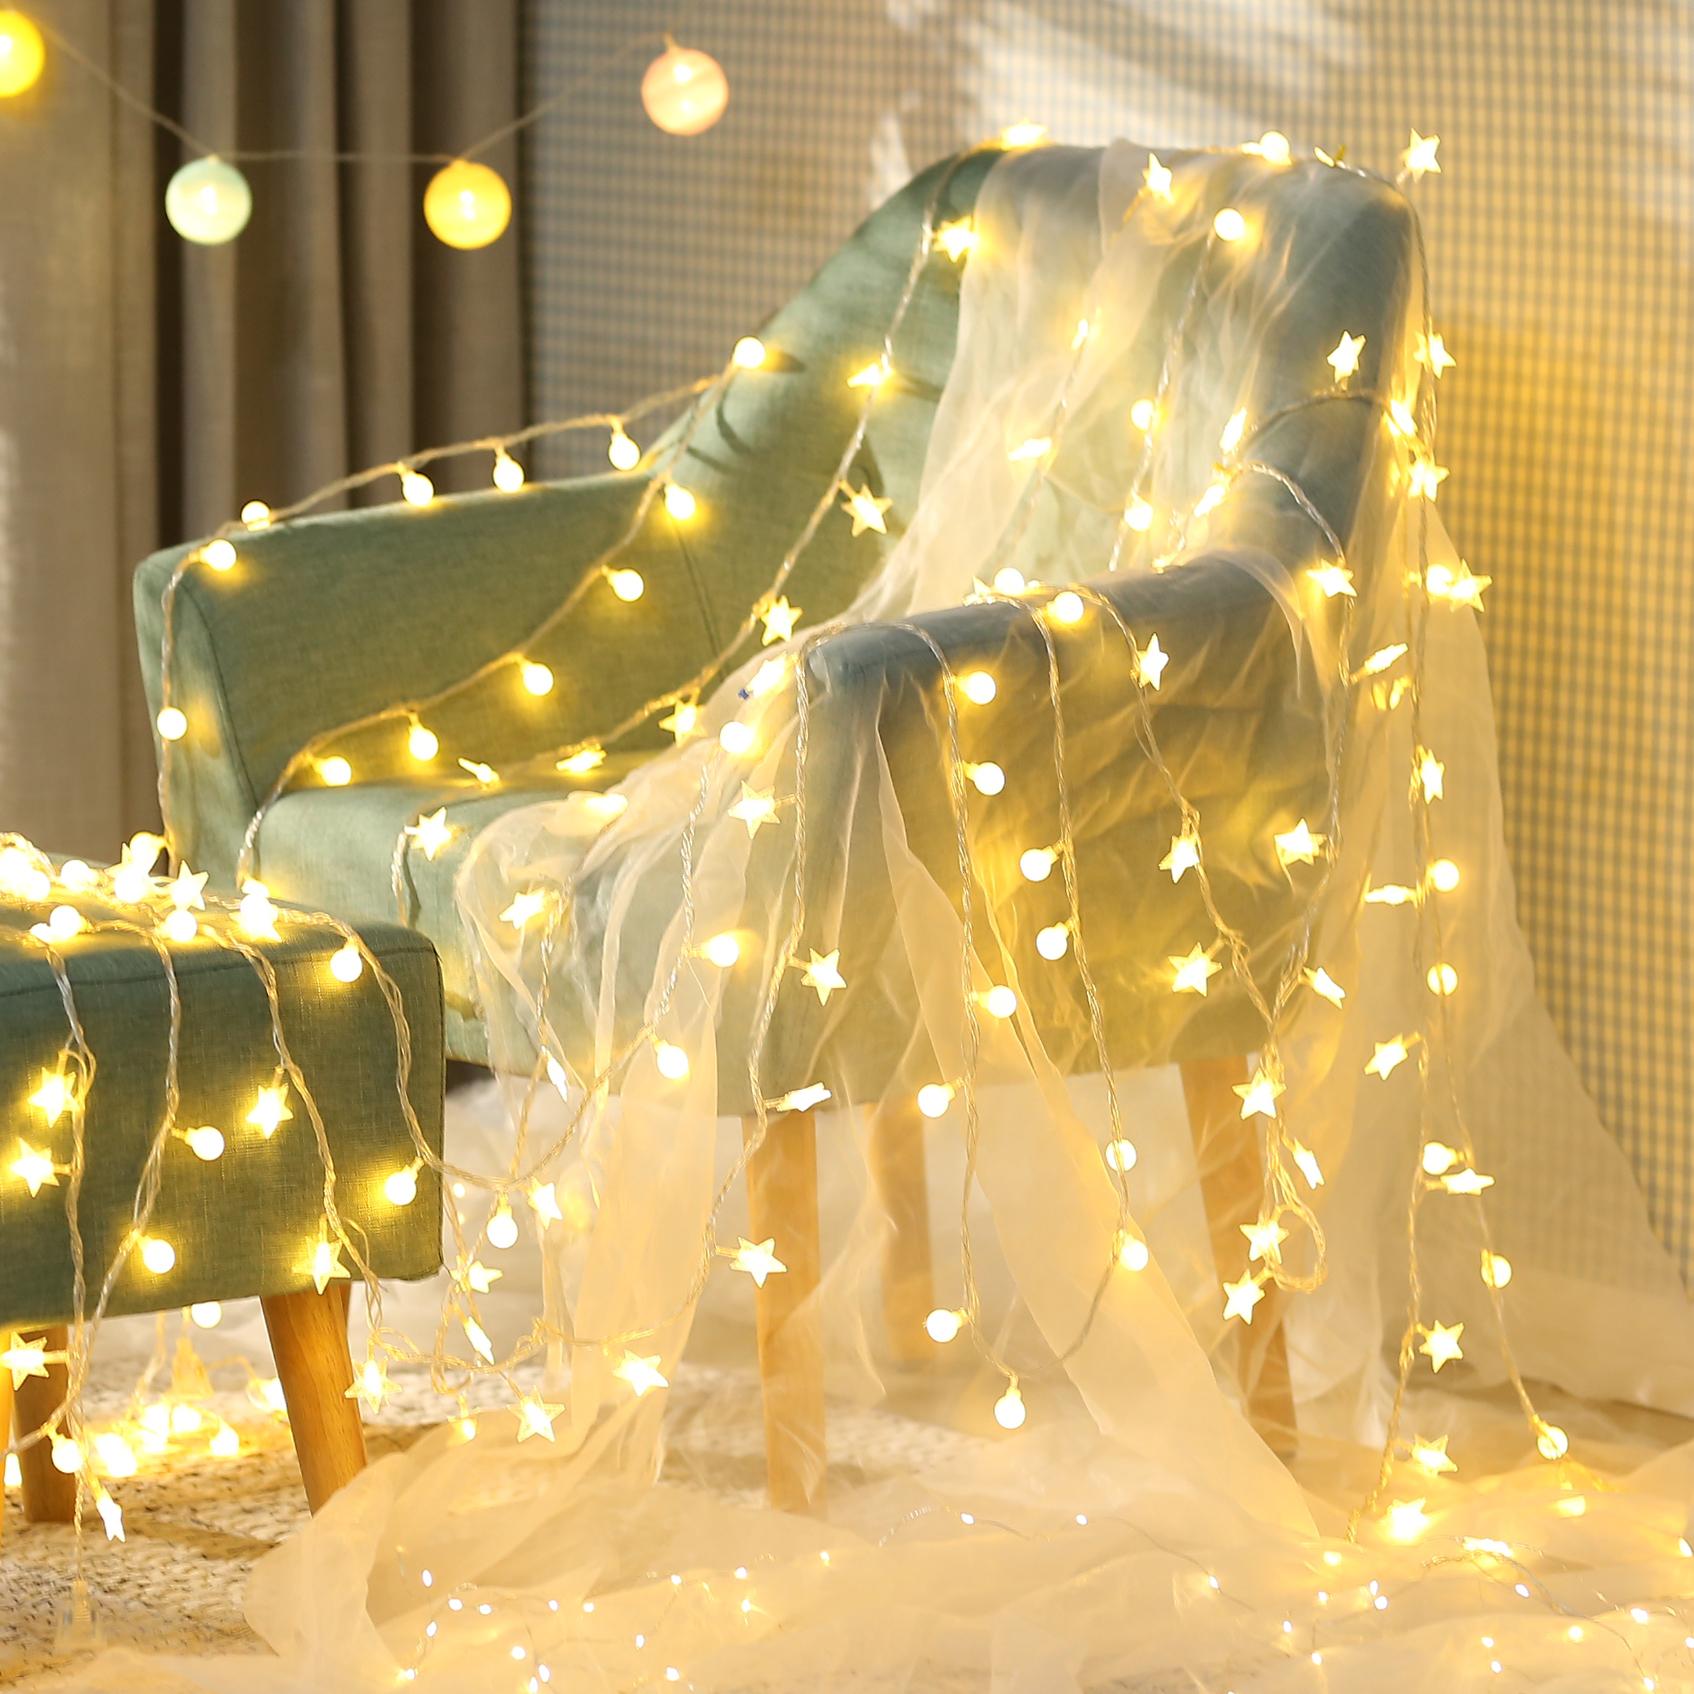 Led звезда свет малый свет вспышка строка свет в небе звезда девушка сердце комната спальня романтический ткань положить чистый красный декоративный